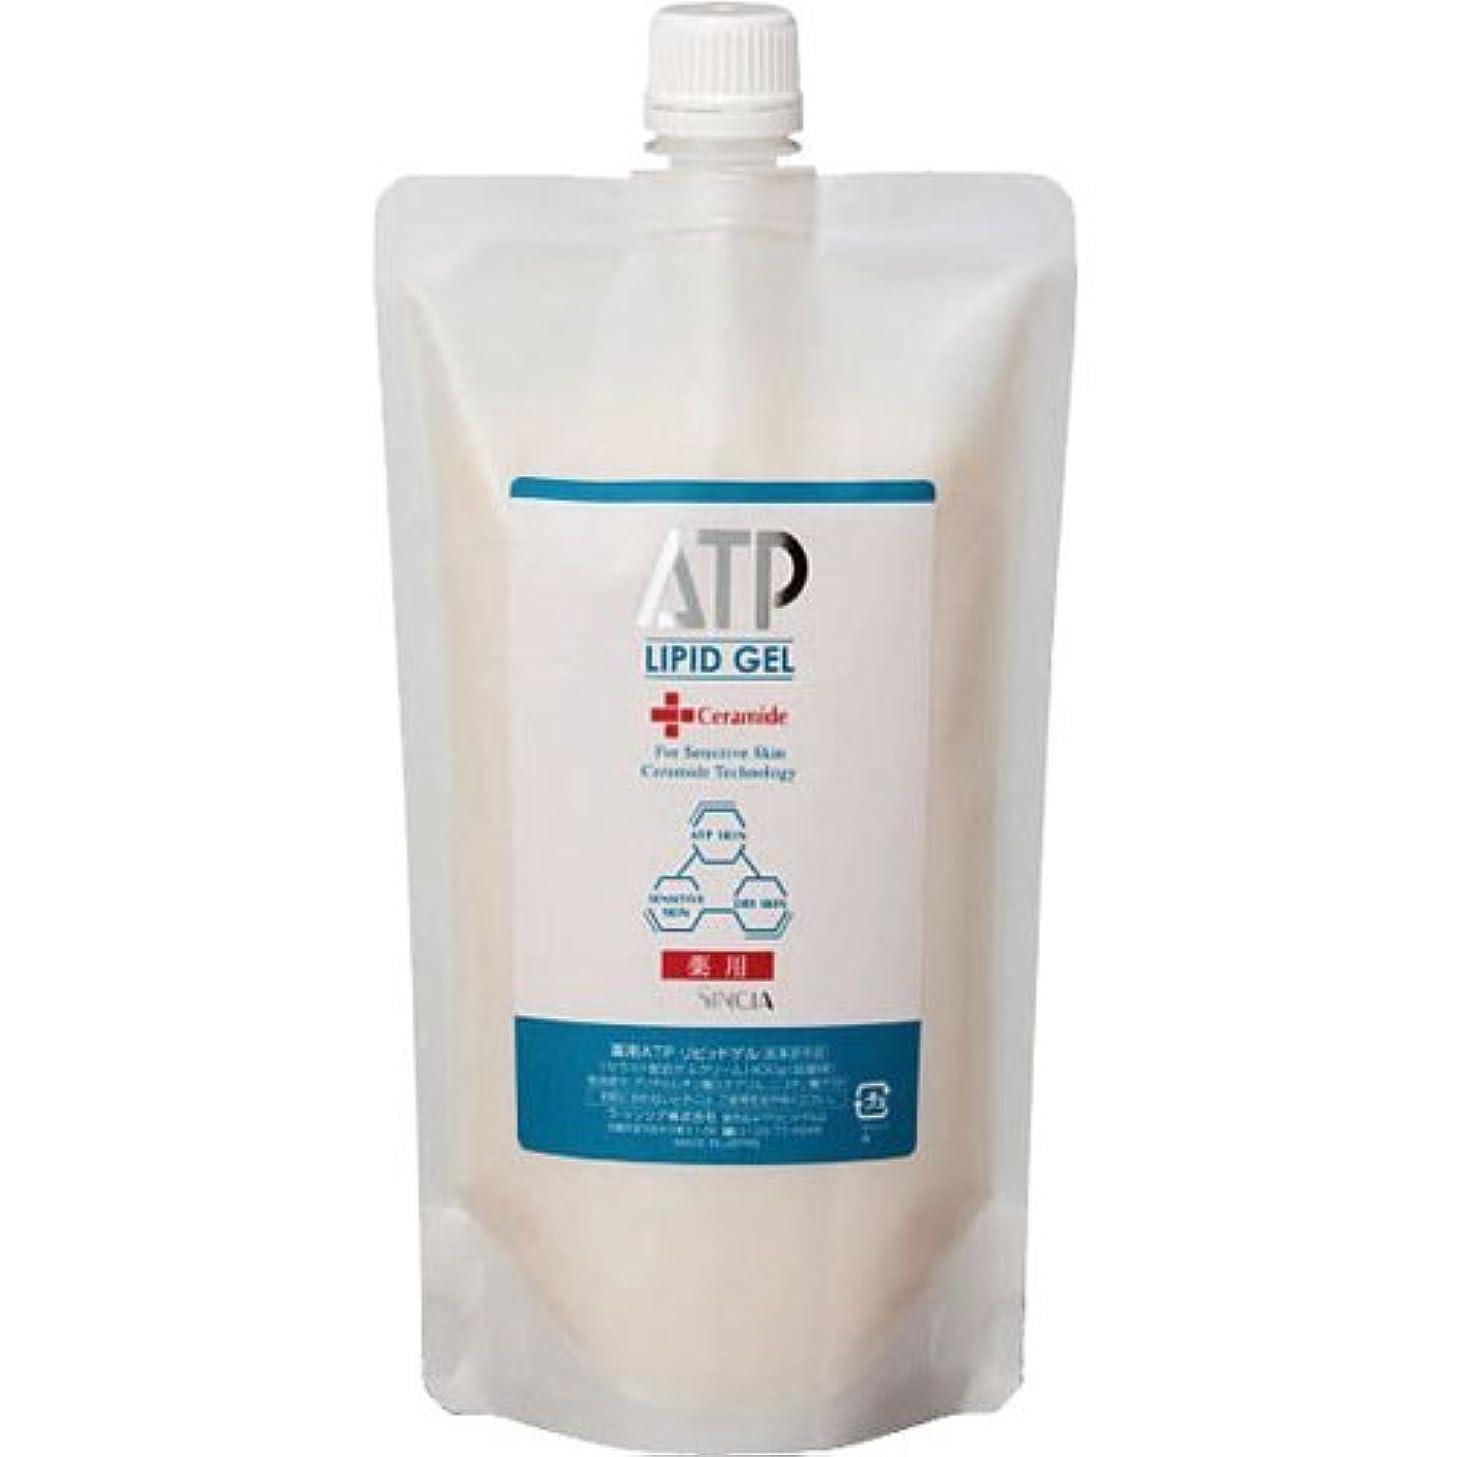 泥棒ポータブル石炭ラシンシア 薬用ATPリピッドゲル 400g(詰替用) 【セラミド配合ゲルクリーム】